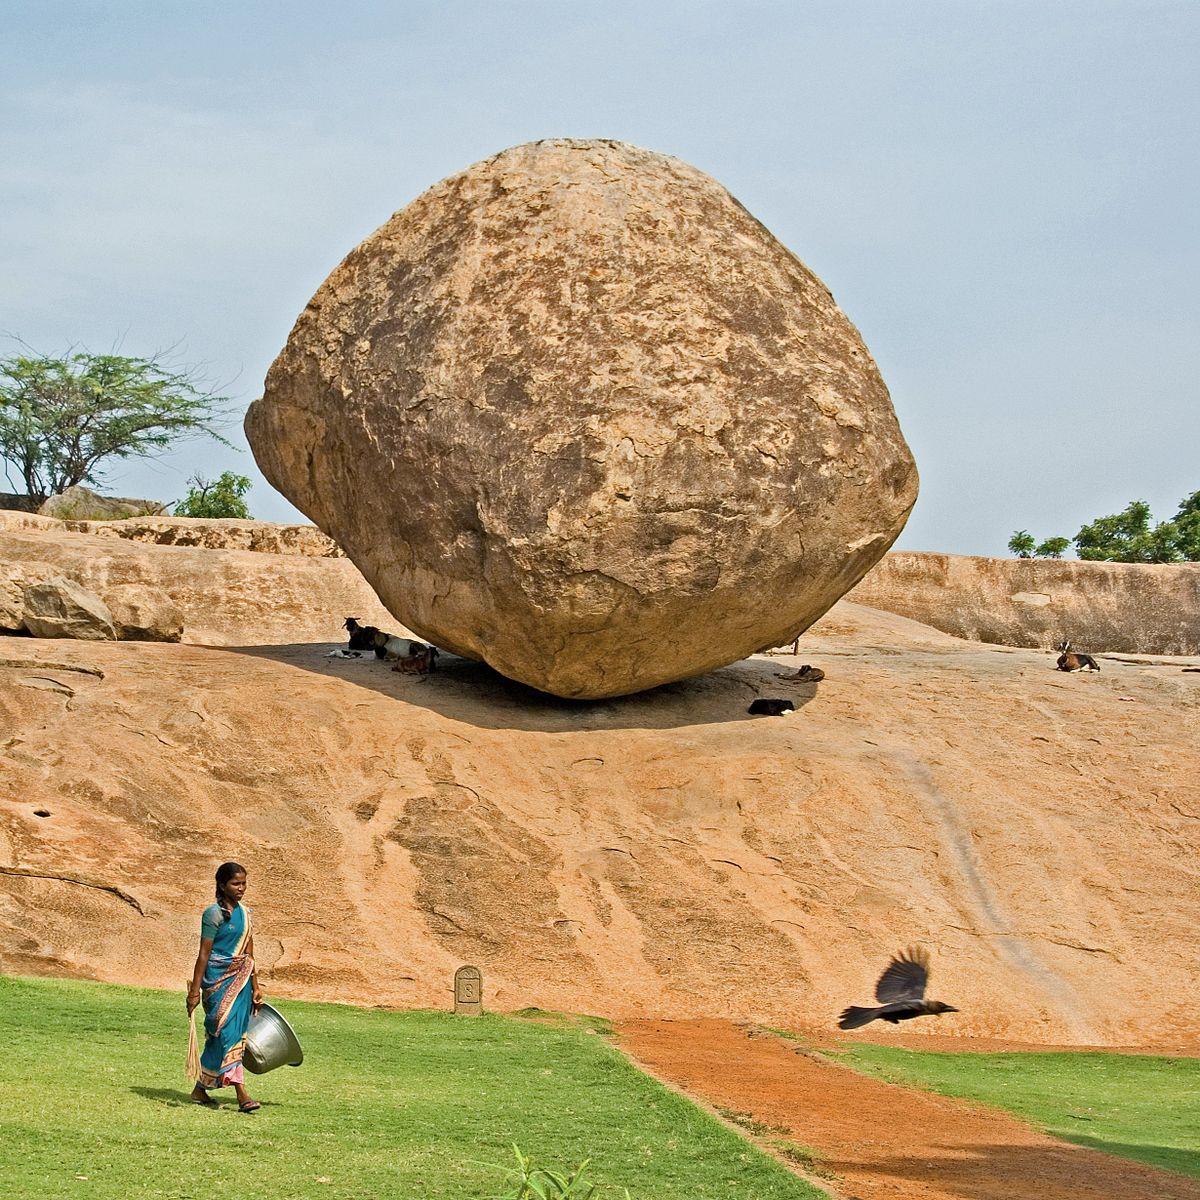 Hòn đá nặng 250 tấn nằm trên sườn dốc hàng nghìn năm, thách thức các định luật vật lý - ảnh 2.